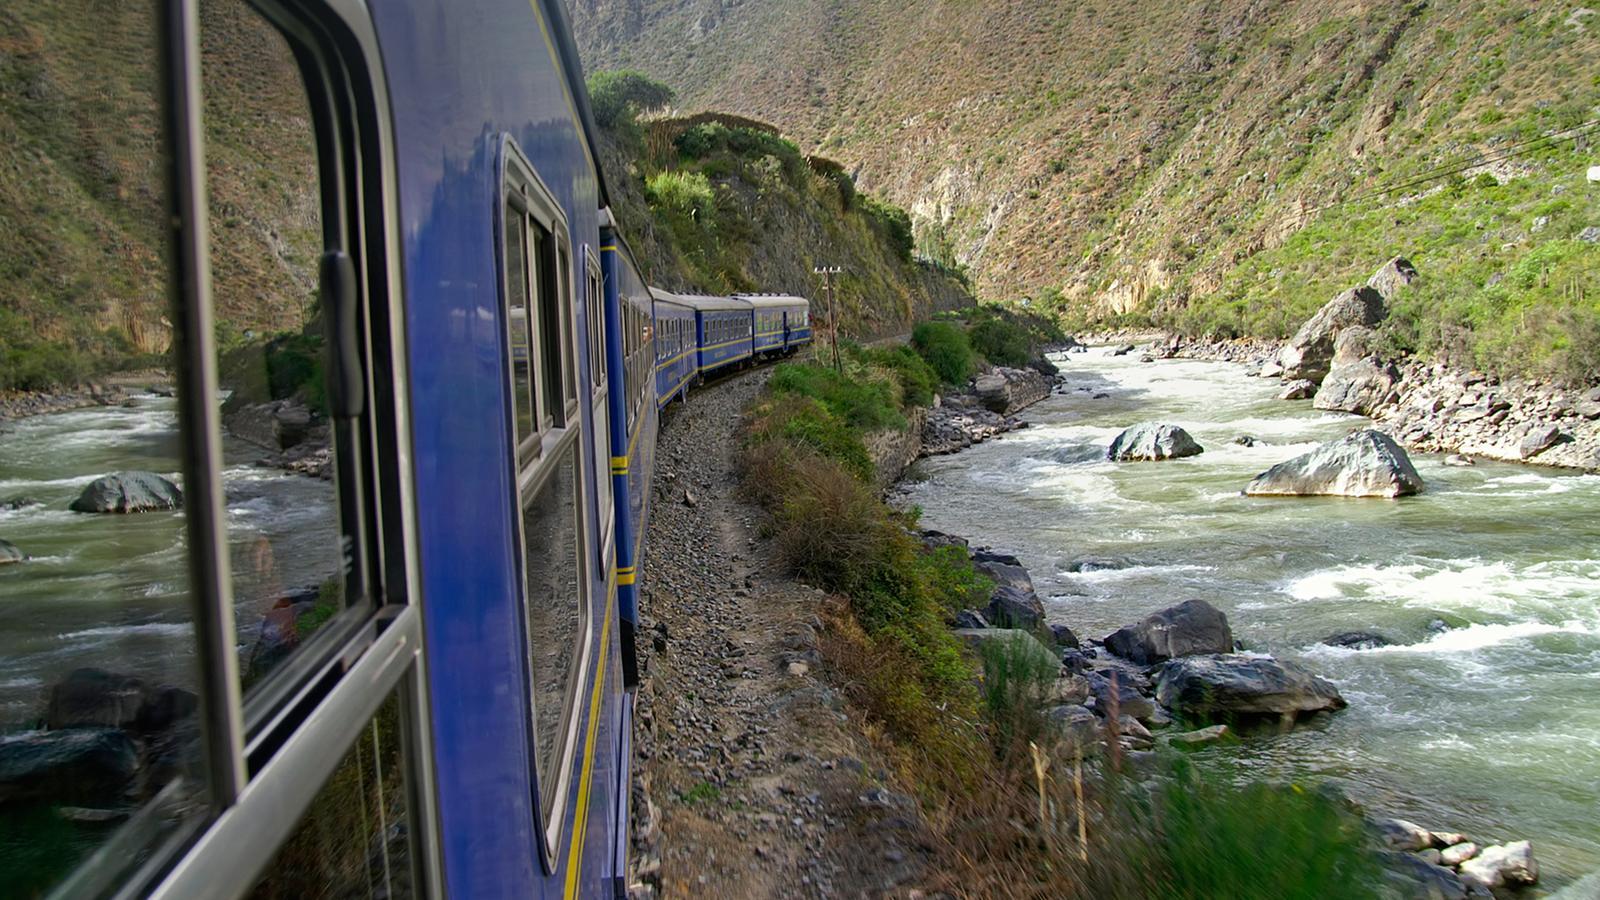 The scenic train ride to Machu Picchu